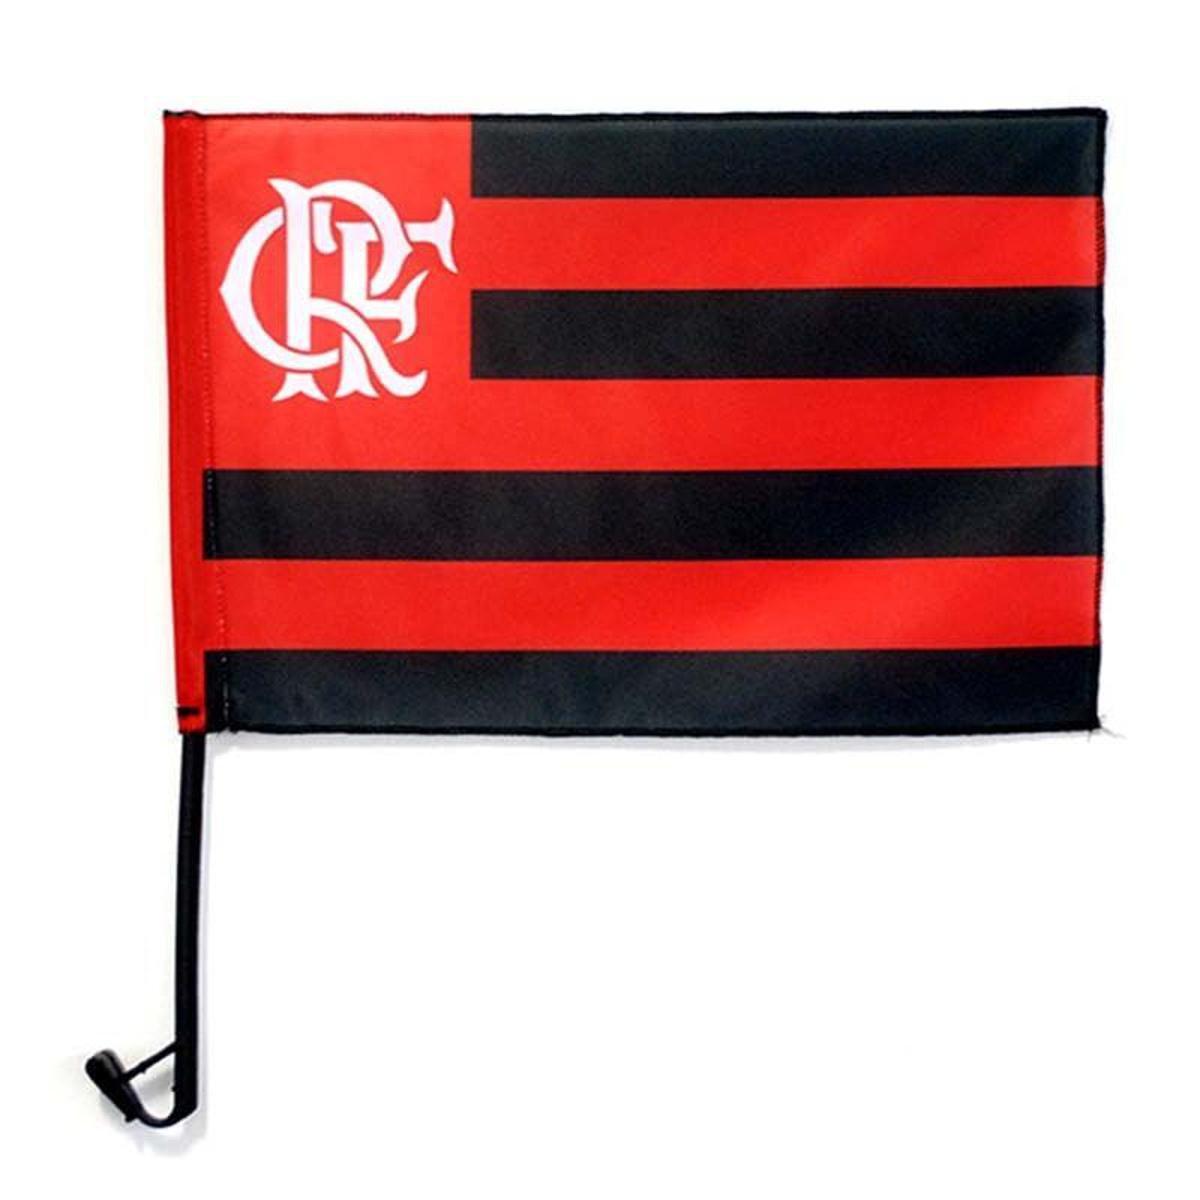 83670865658ee Bandeira Flamengo Modelo Carro - Preto e Vermelho - Compre Agora ...